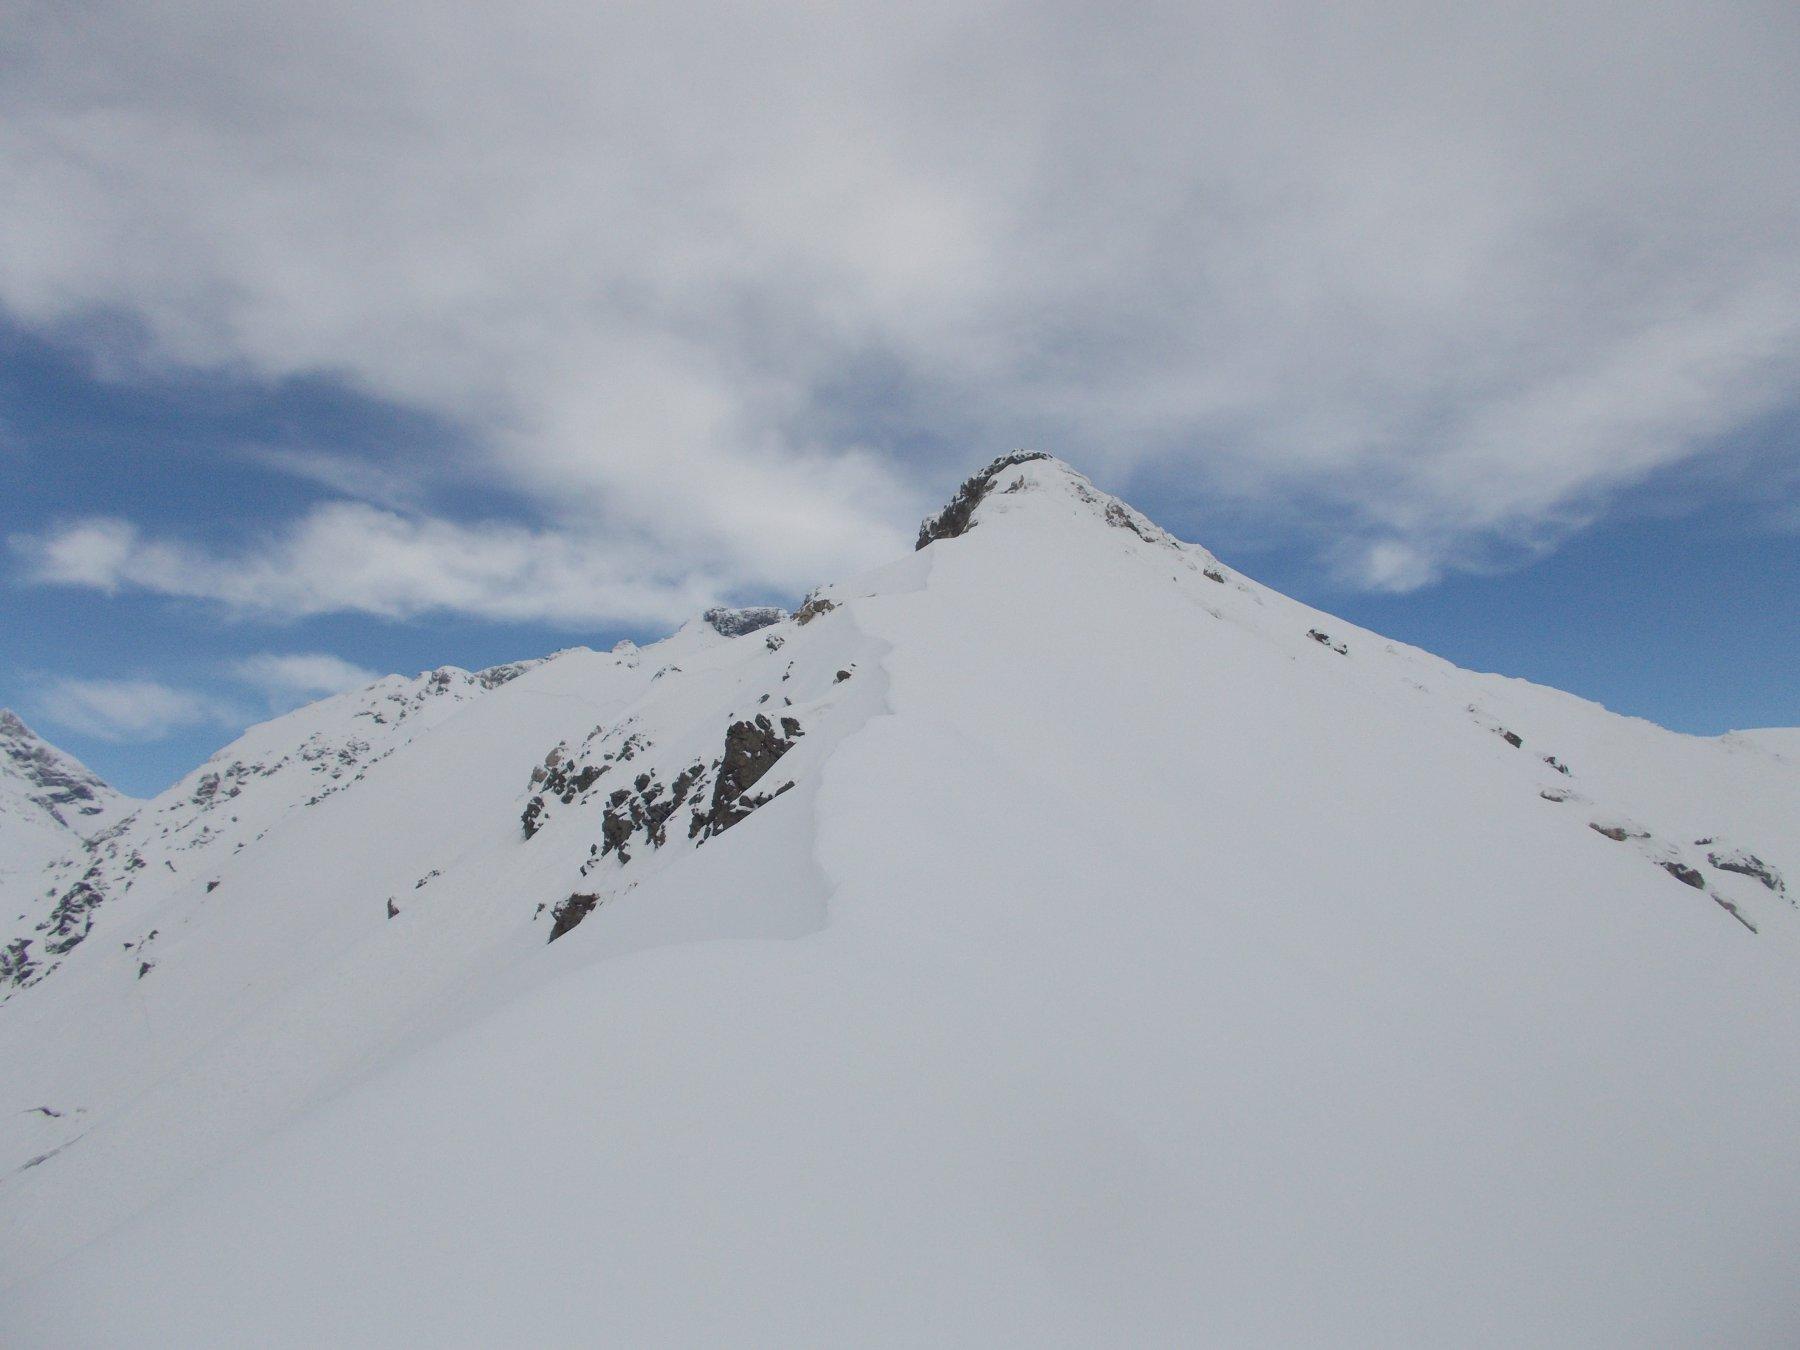 guadagnata la cresta sud salendo da est ora si vede bene la meta al fondo..